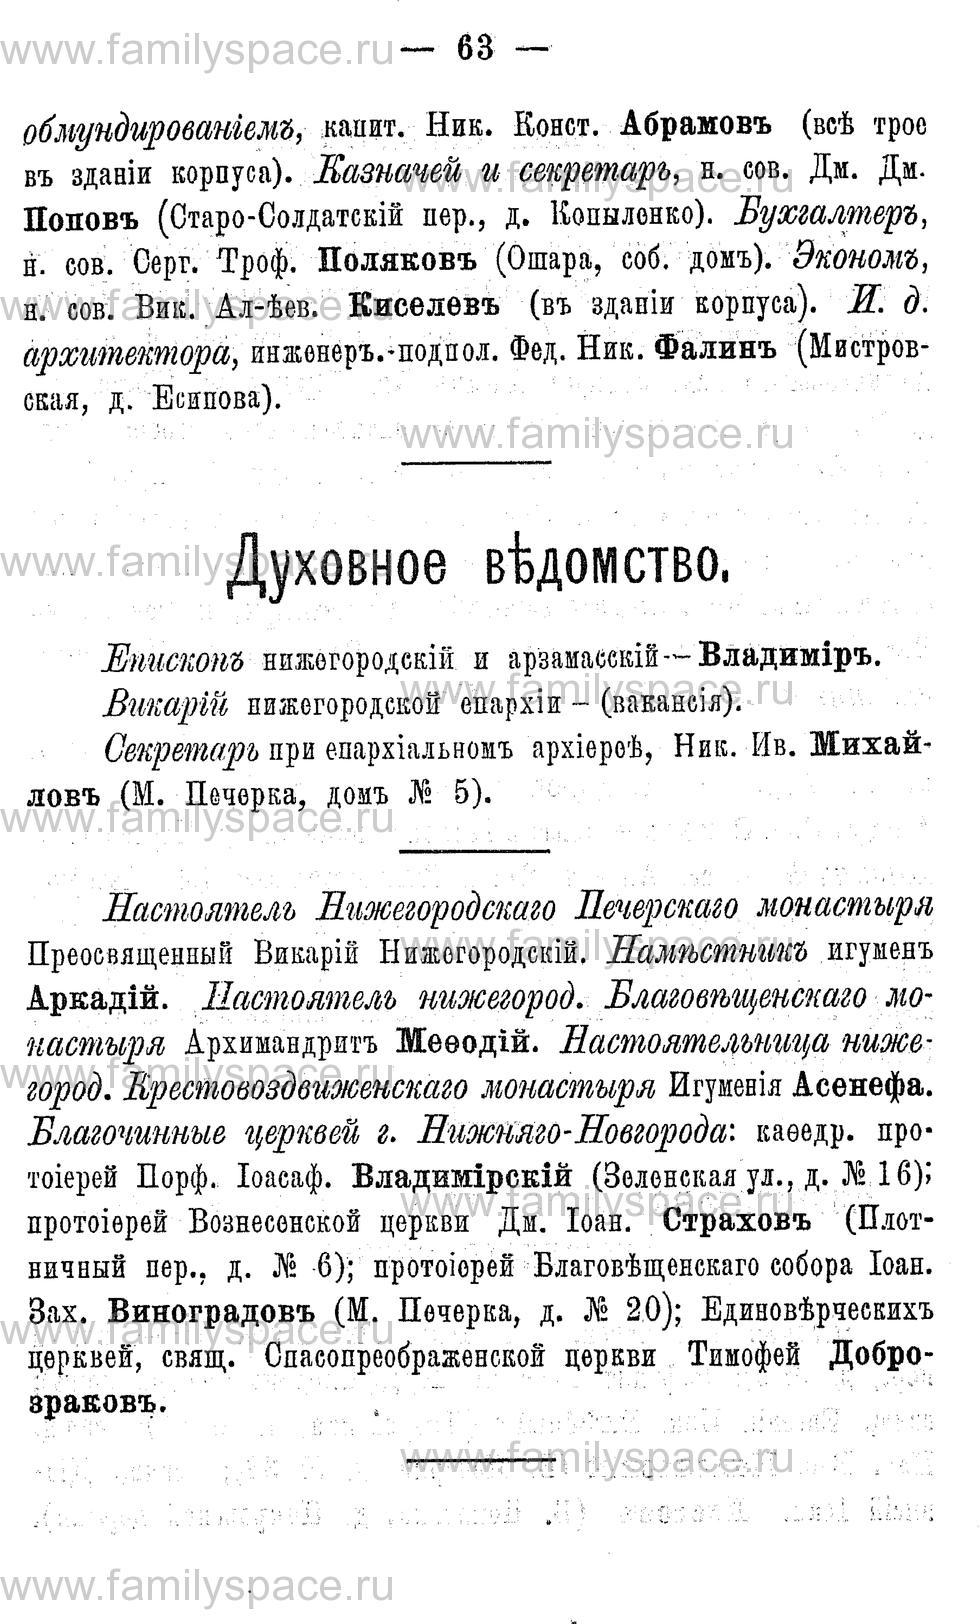 Поиск по фамилии - Адрес-календарь Нижегородской губернии на 1891 год, страница 63